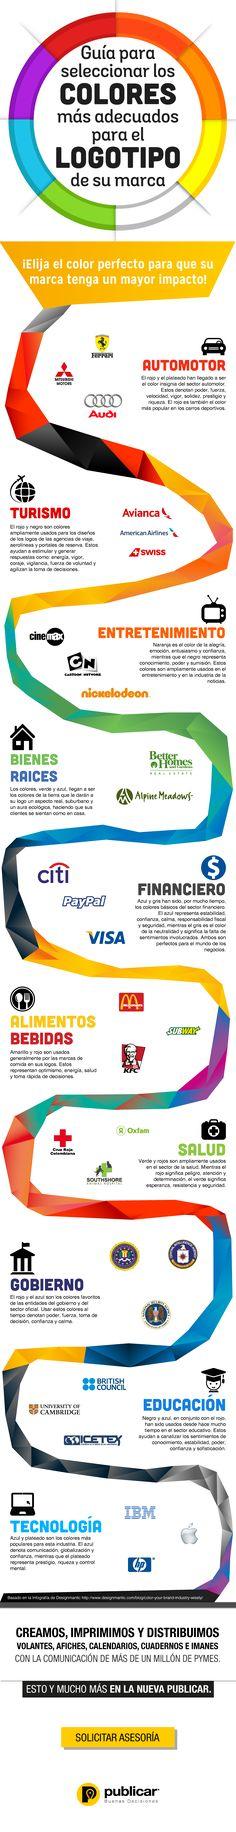 Hola: Una infografía con una .Guía para elegir el mejor color para el logotipo de tu marca. Vía Un saludo